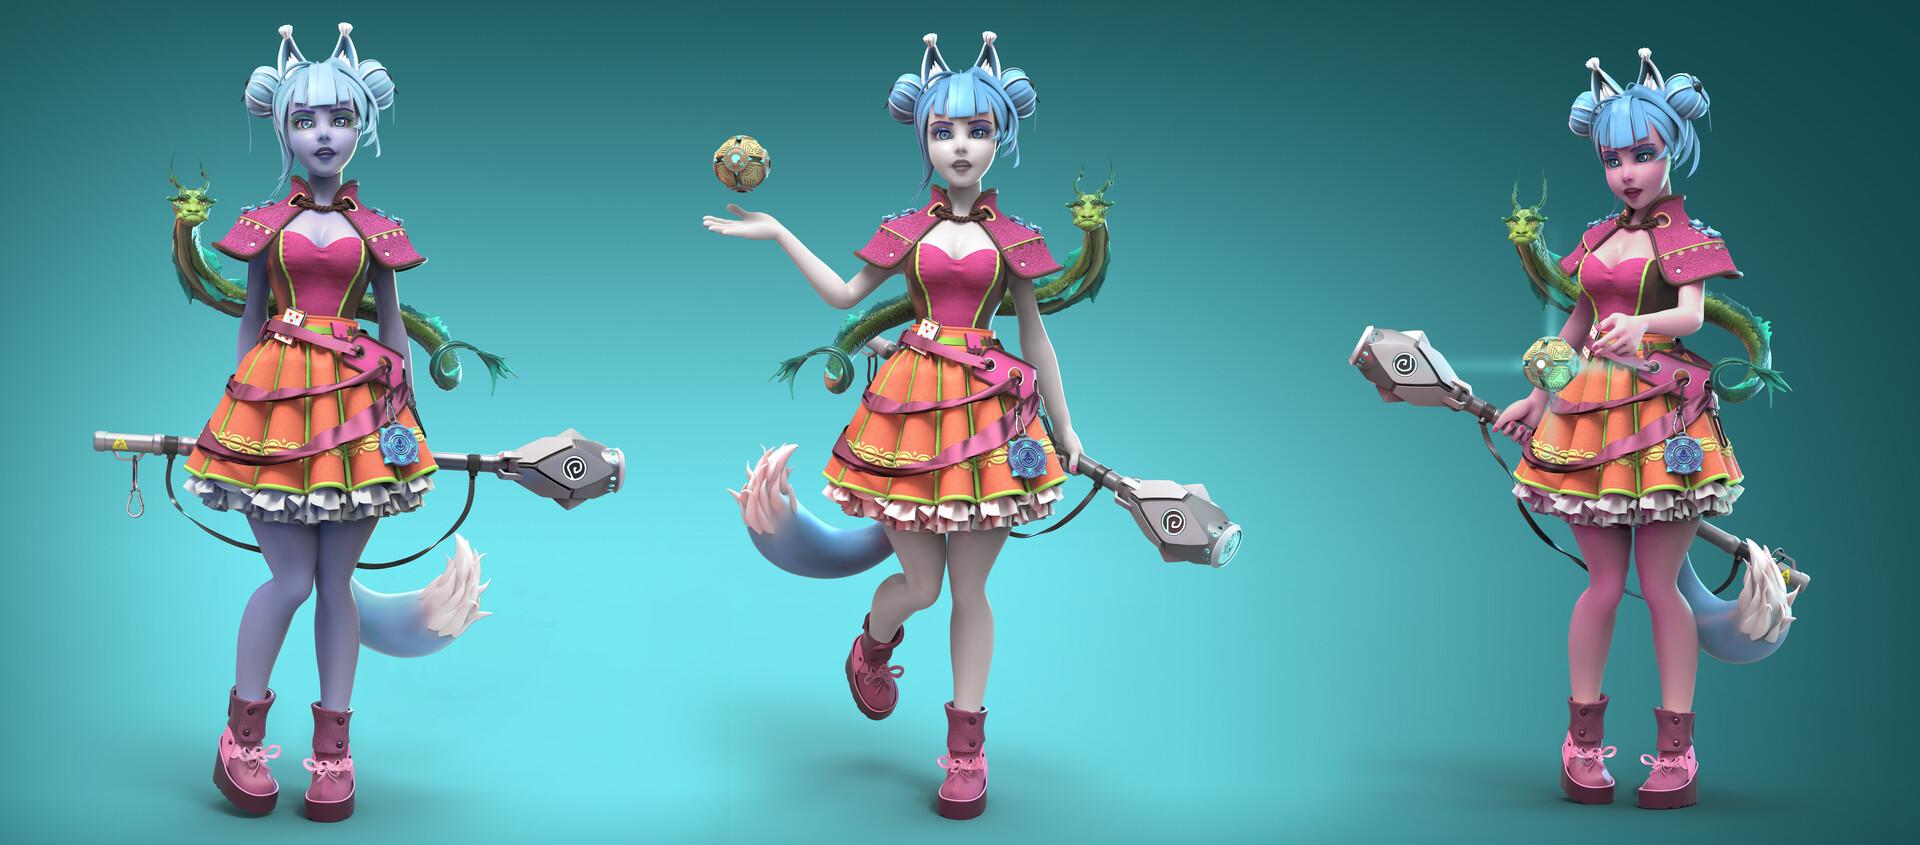 02 | 3D Character artist/ 3D Художник Персонажей